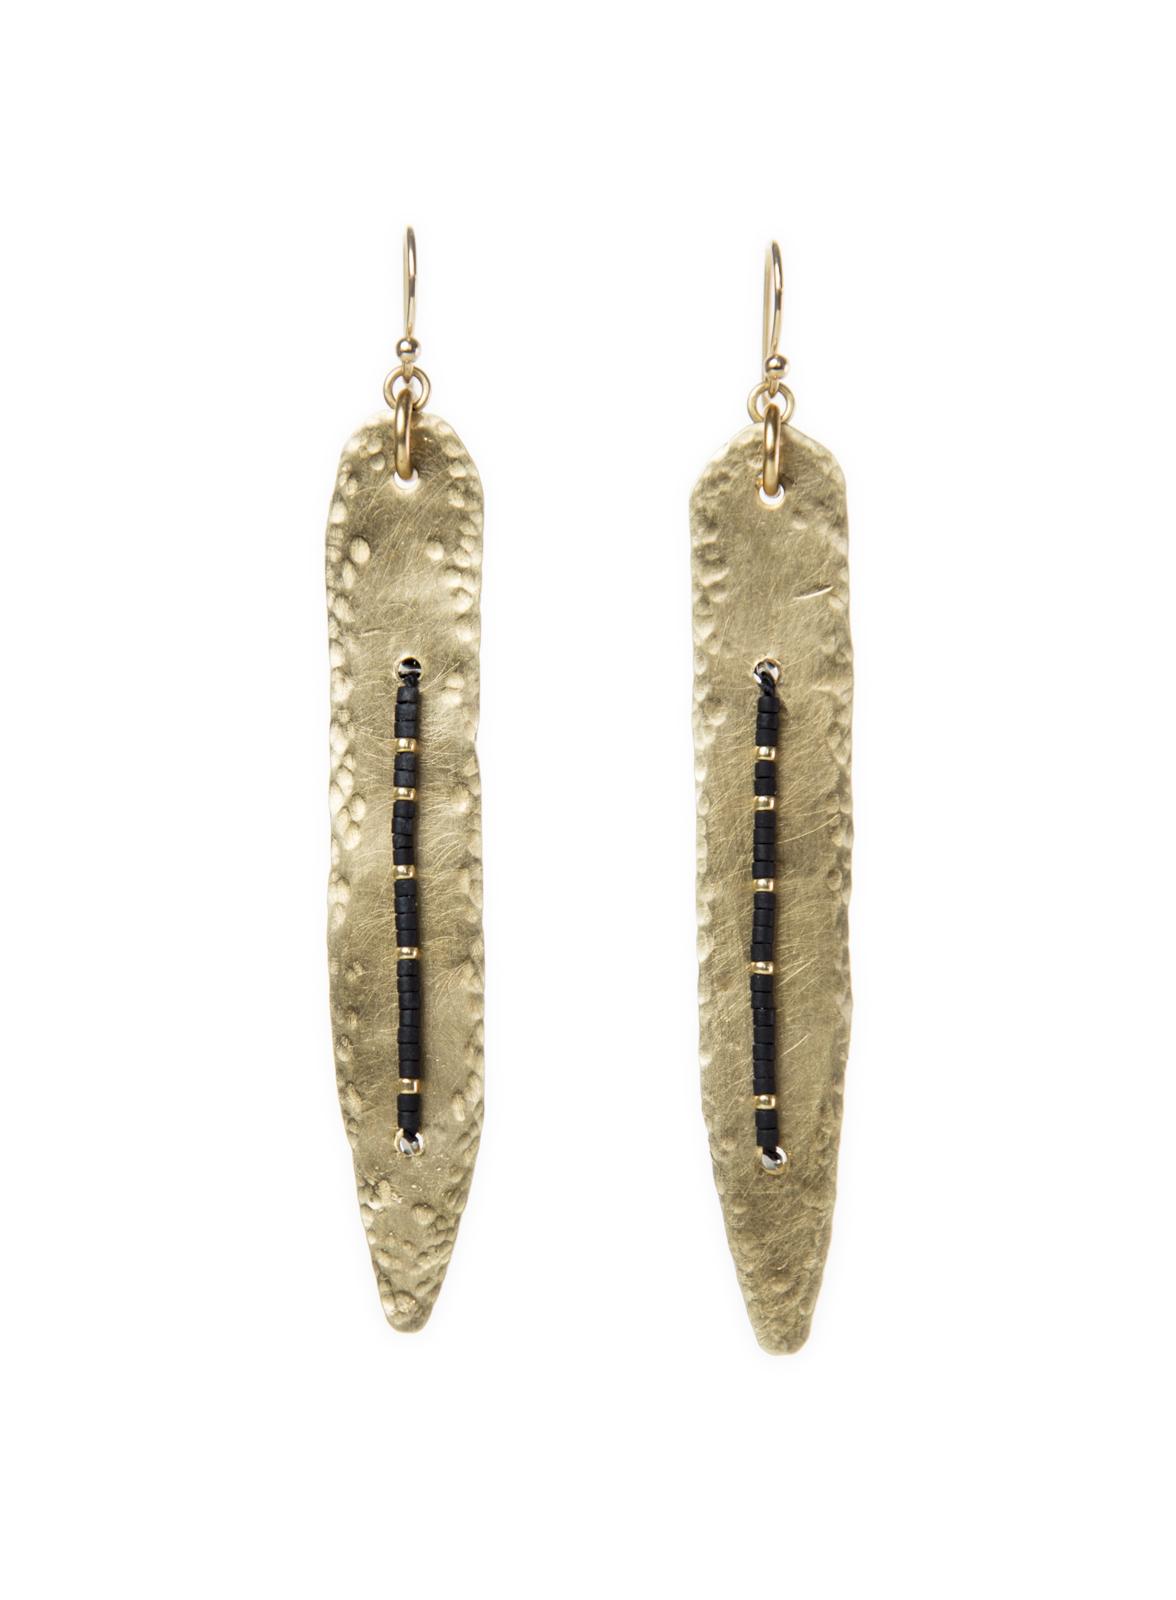 Hammered dagger earring